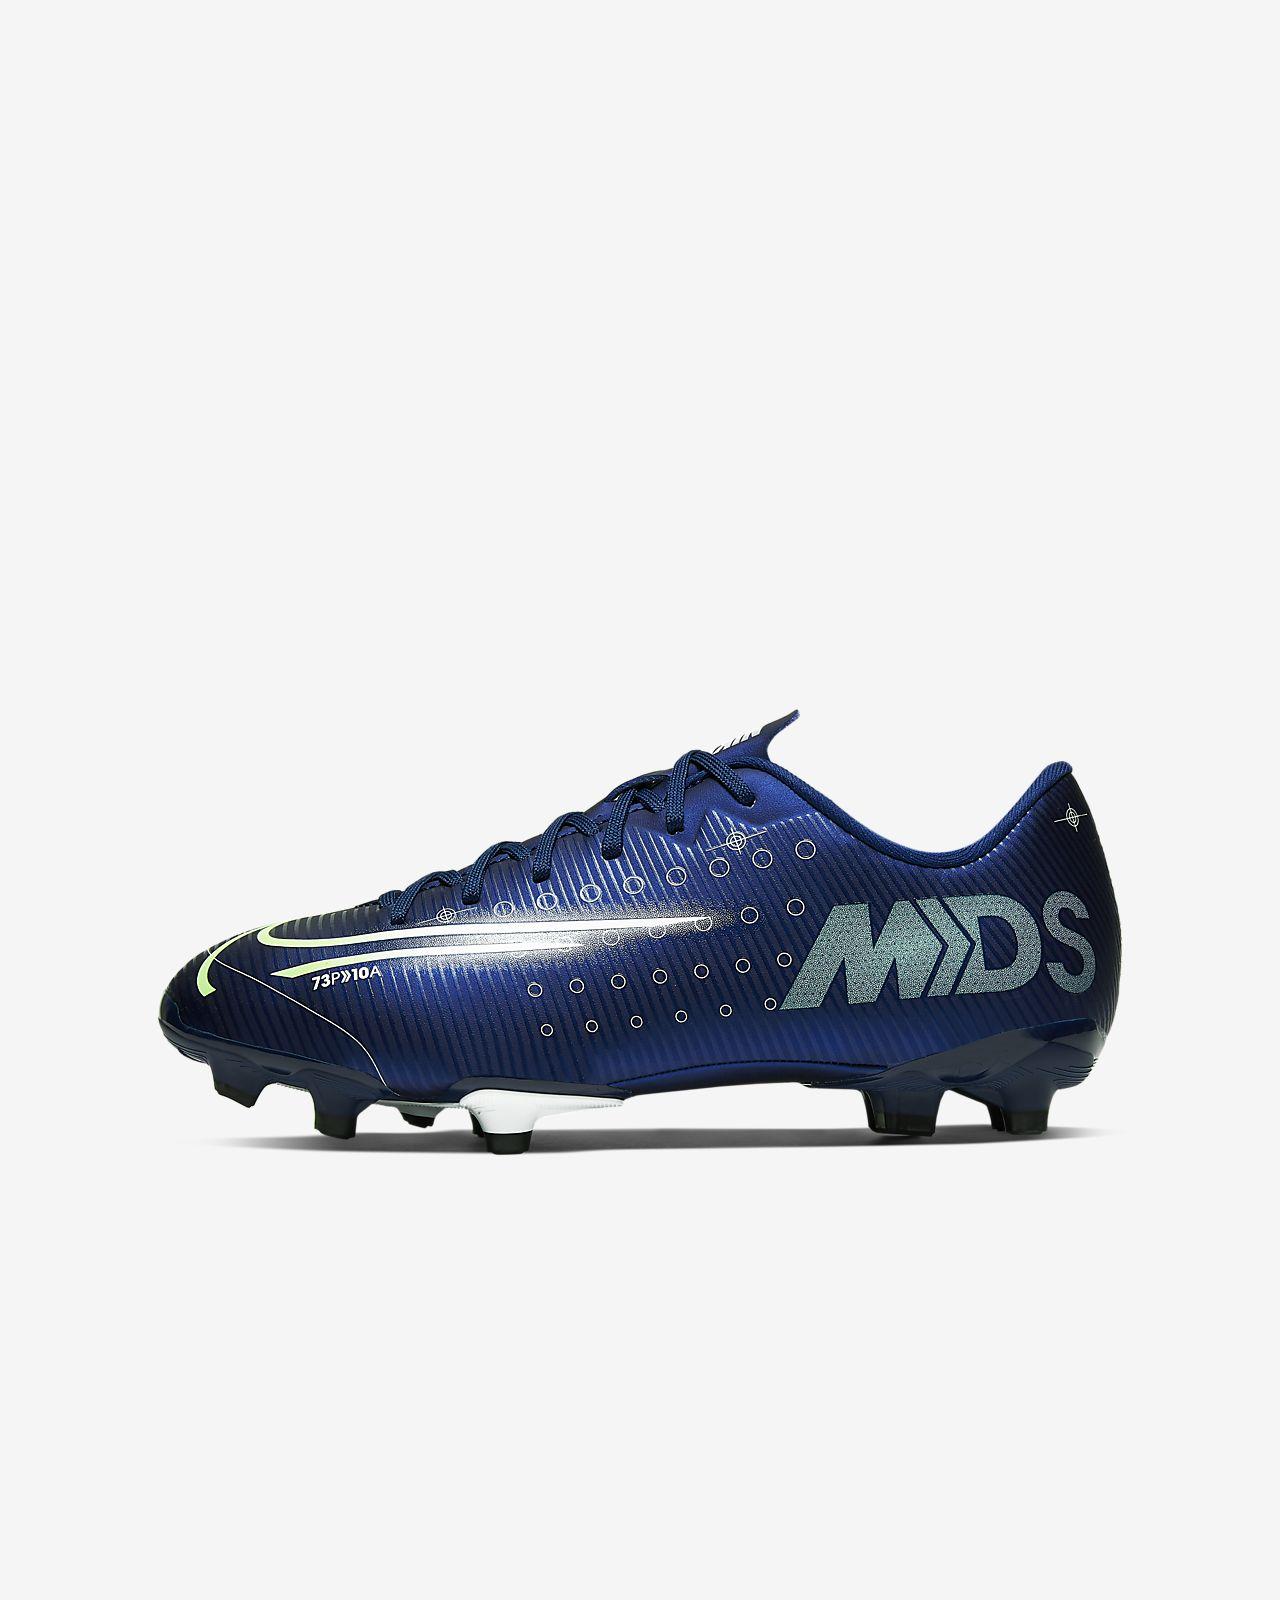 Chaussure de football à crampons multi-surfaces Nike Jr. Mercurial Vapor 13 Academy MDS MG pour Jeune enfant/Enfant plus âgé